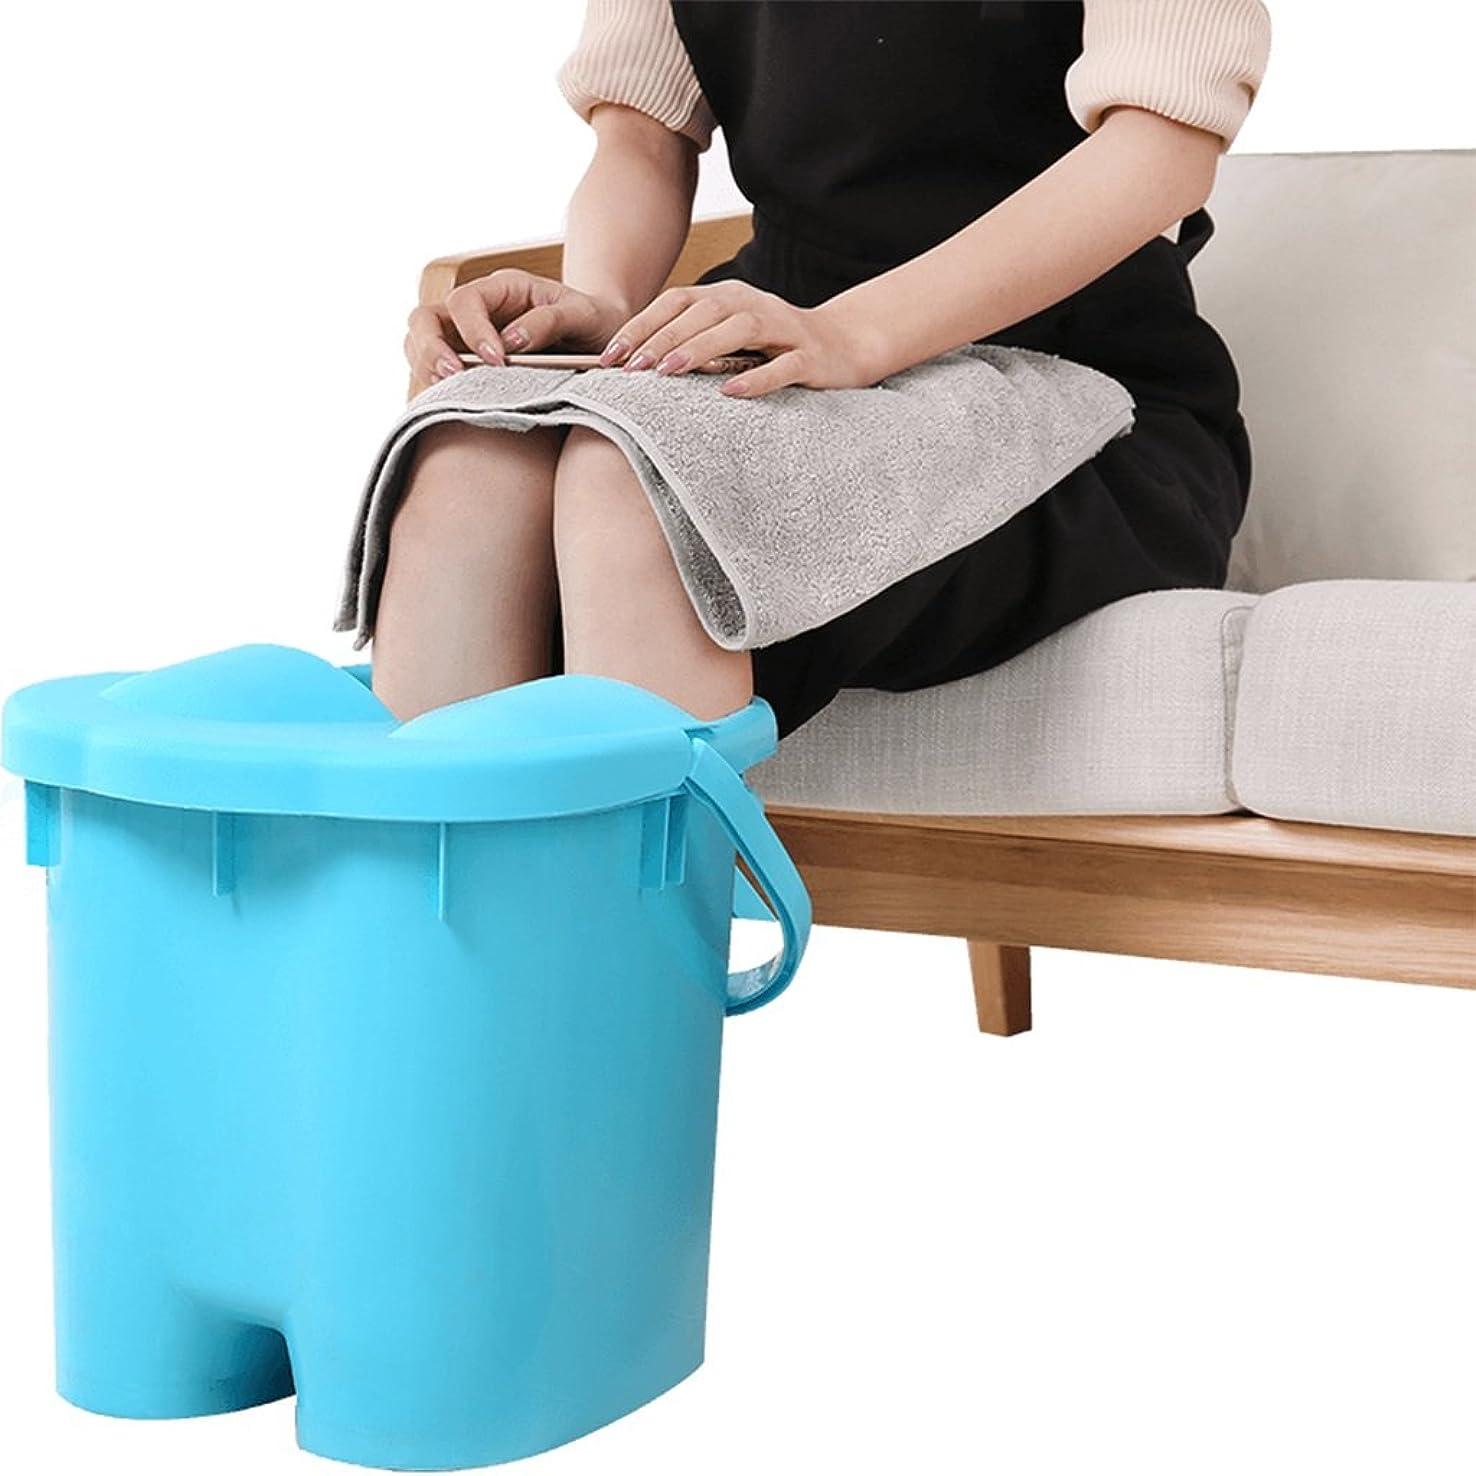 グリーンバック脅かす割るフットバスの子供の大人のプラスチック足のバスタブマッサージバレルホーム絶縁燻蒸バレルと厚い足のバスバケツ (Color : Blue, Size : 31*37*23.5cm)